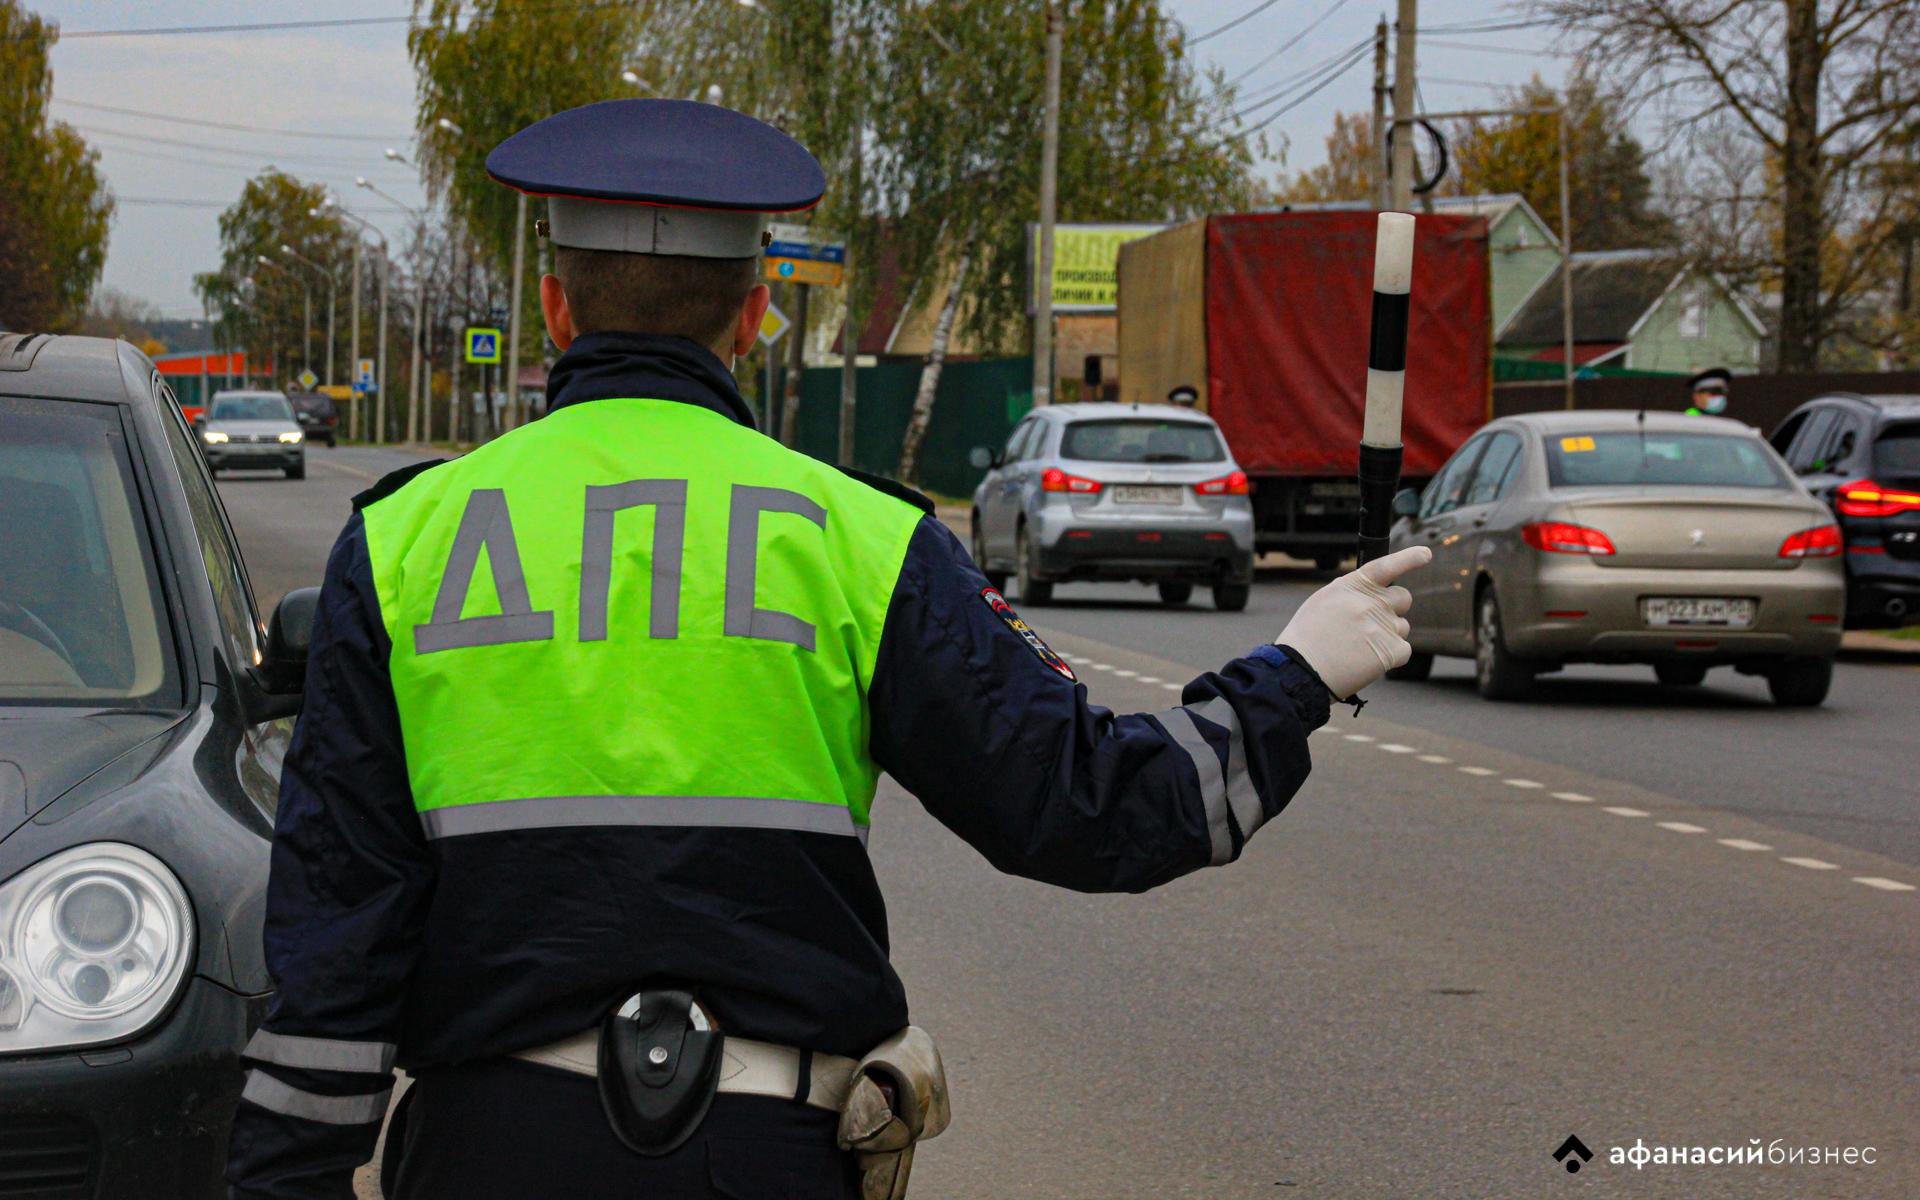 Смертельное ДТП на встречке произошло в Тверской области - новости Афанасий